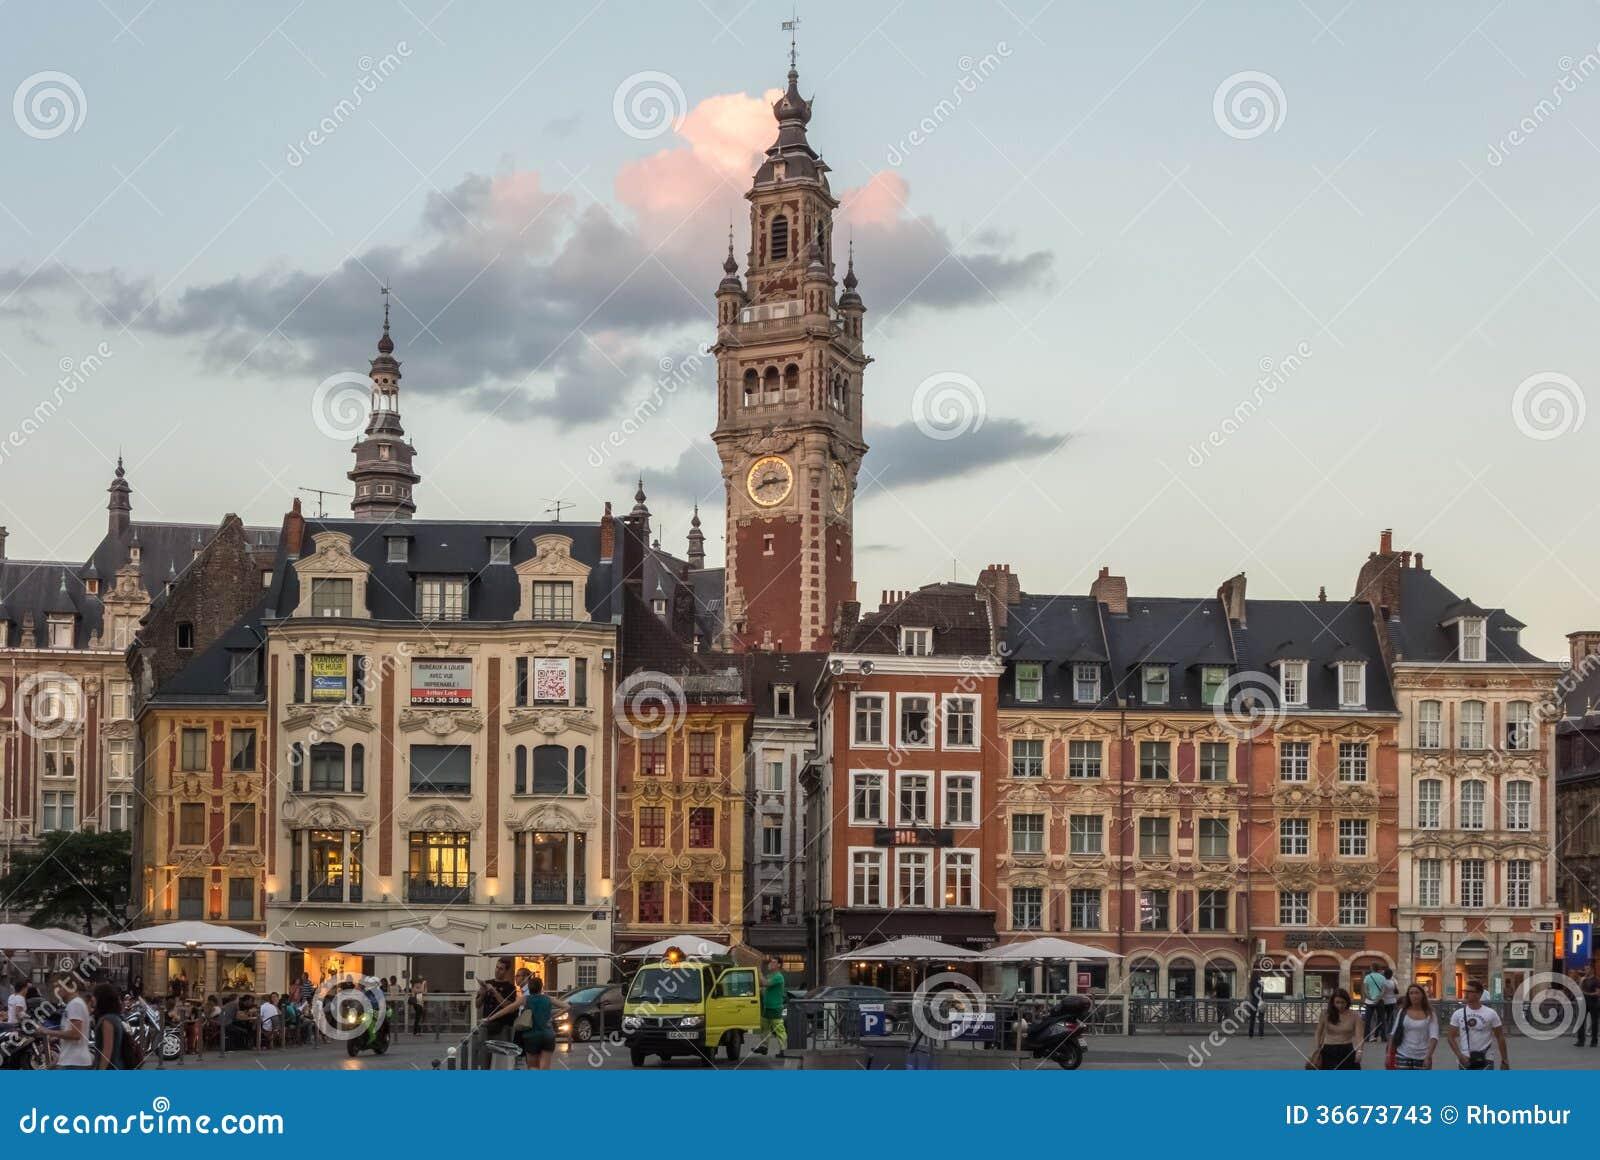 Centre de la ville historique de lille au coucher du - Heure coucher soleil lille ...